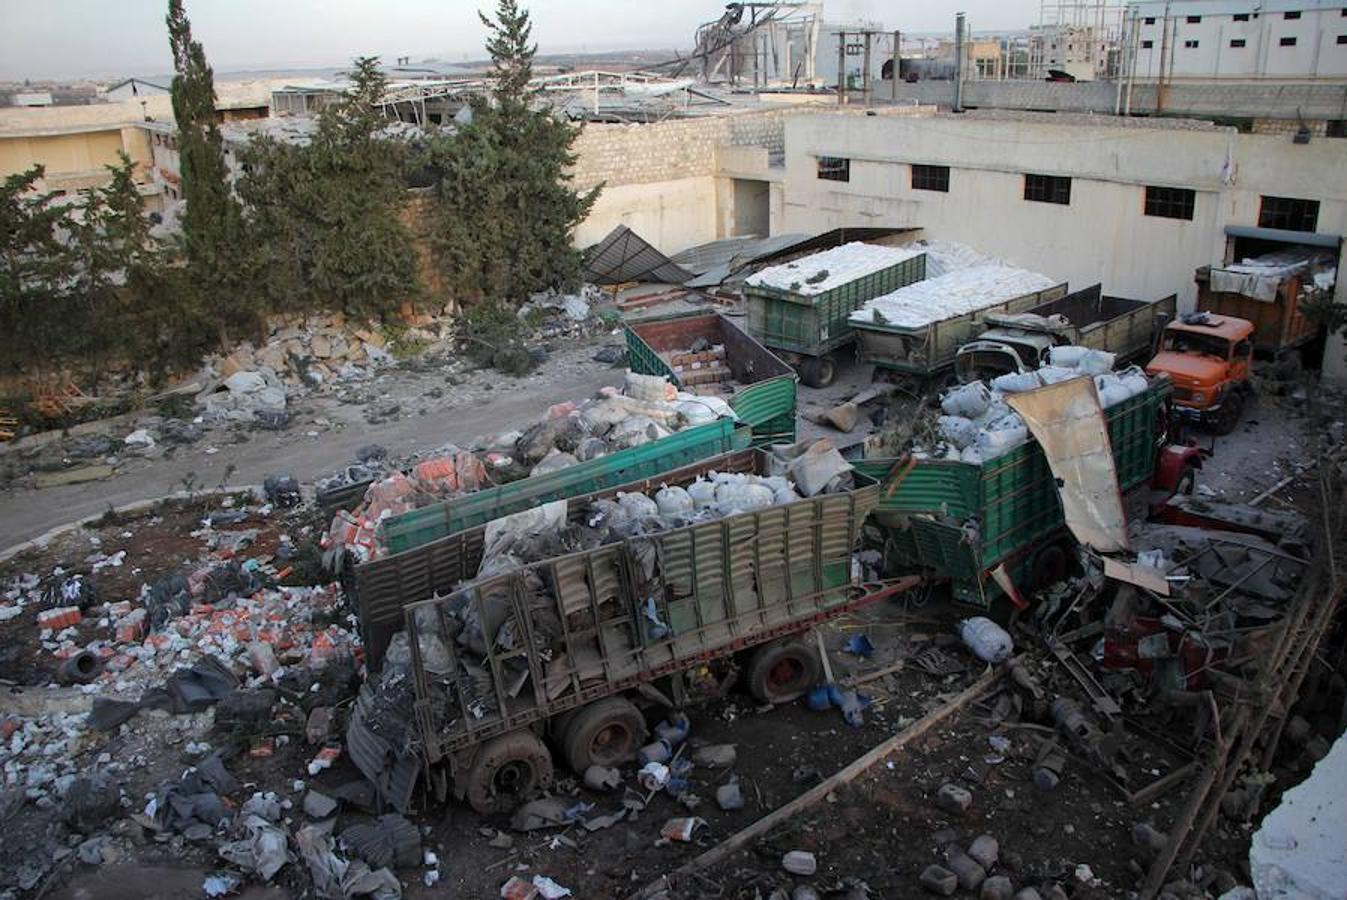 El bombardeo contra un camión de la Media Luna Roja en las cercanías de la localidad de Auram al Kubra, al oeste de la provincia siria de Alepo, ha provocado un total de 12 muertos, según ha informado el Observatorio sirio para los Derechos Humanos